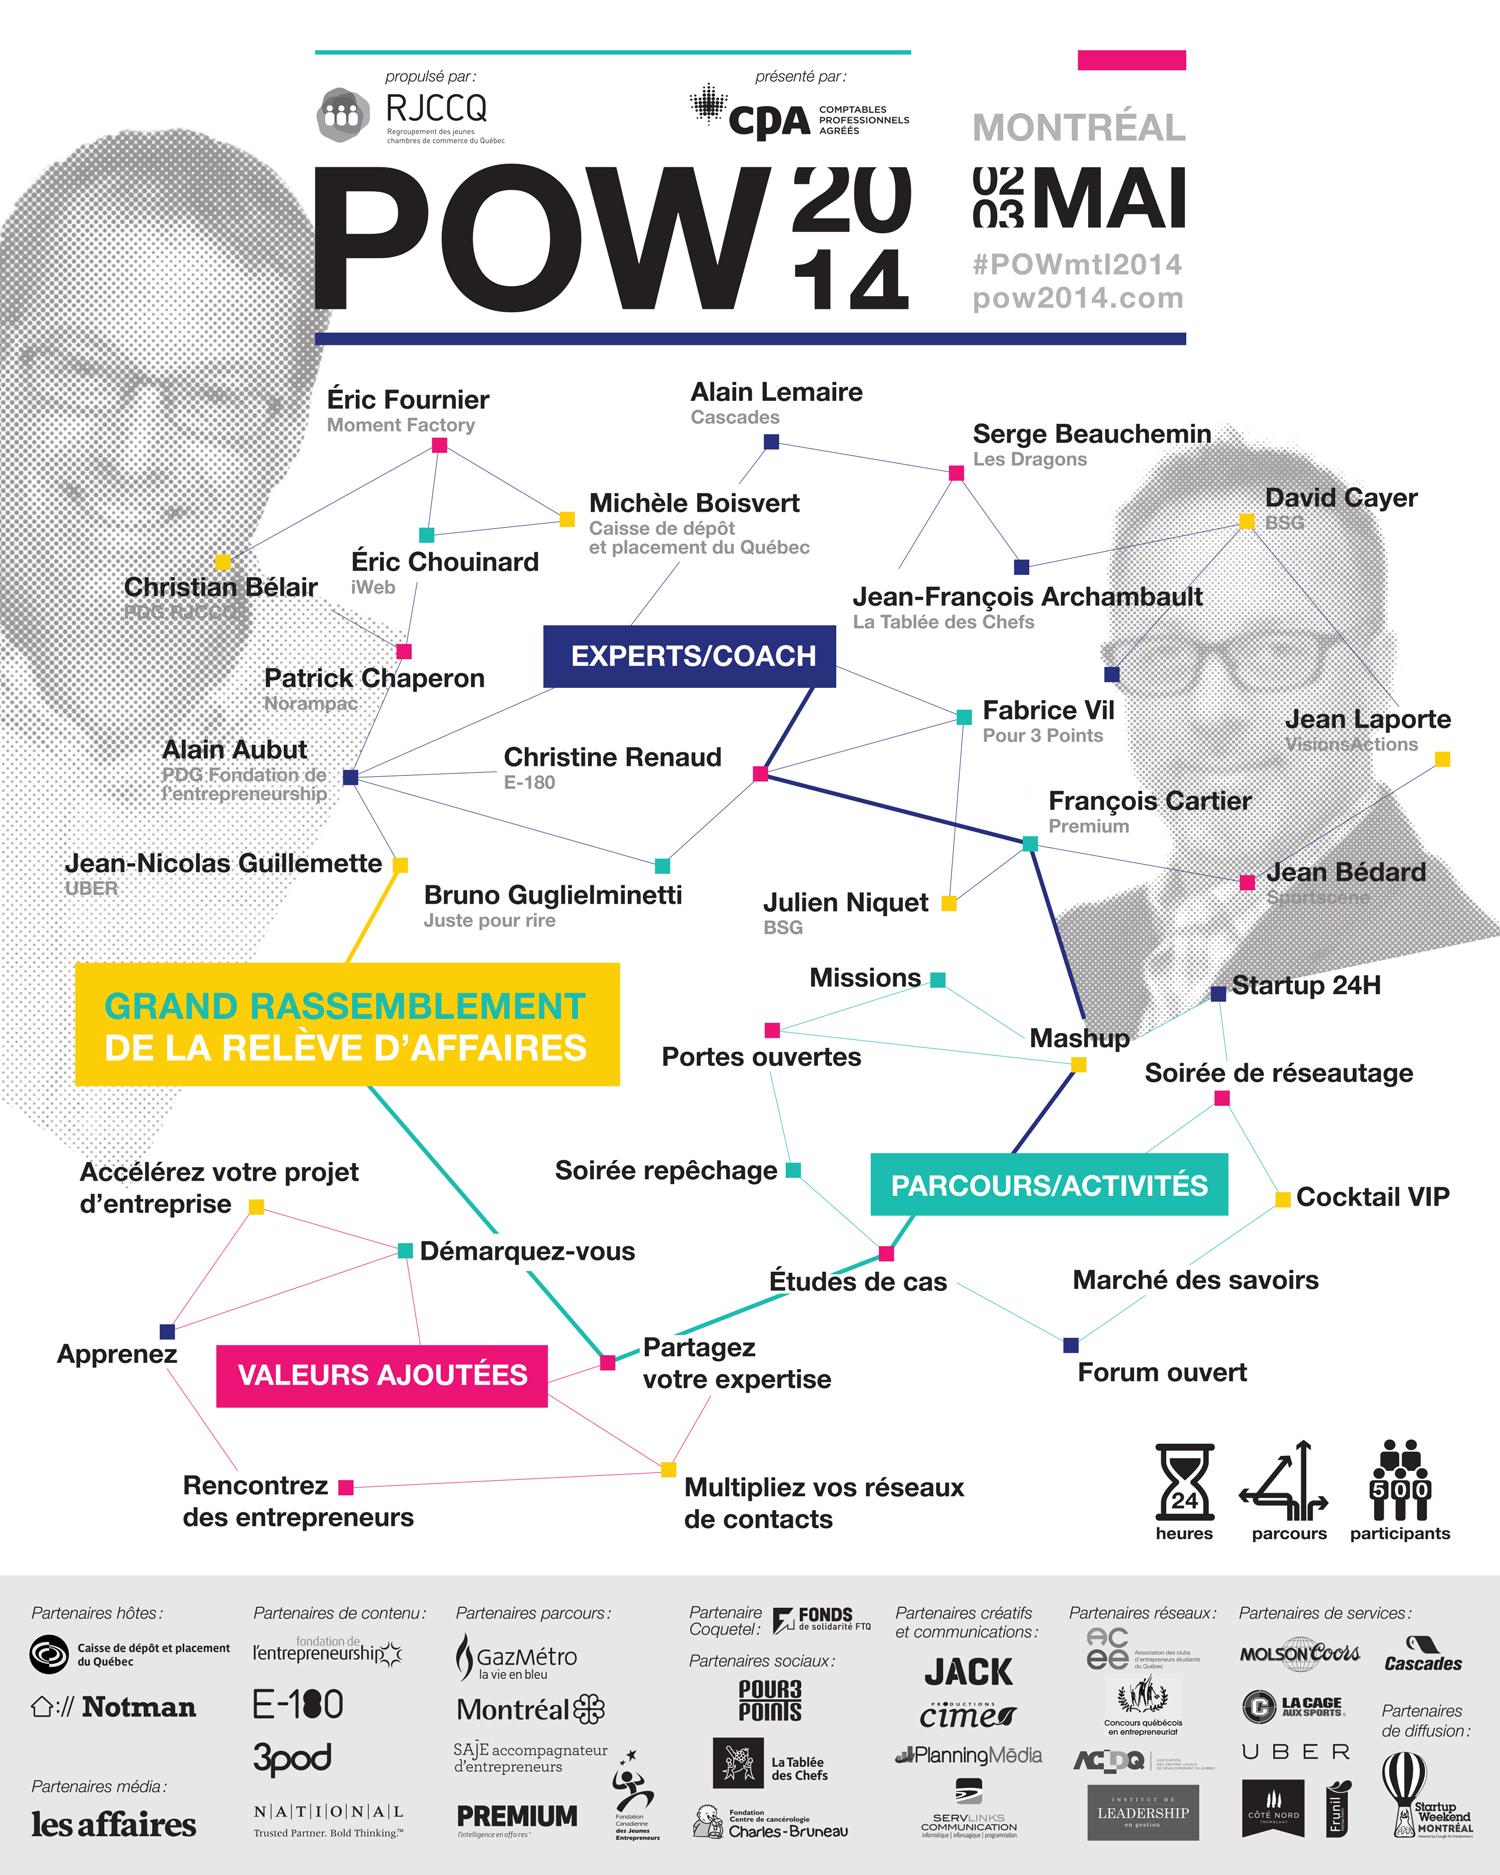 POW2014